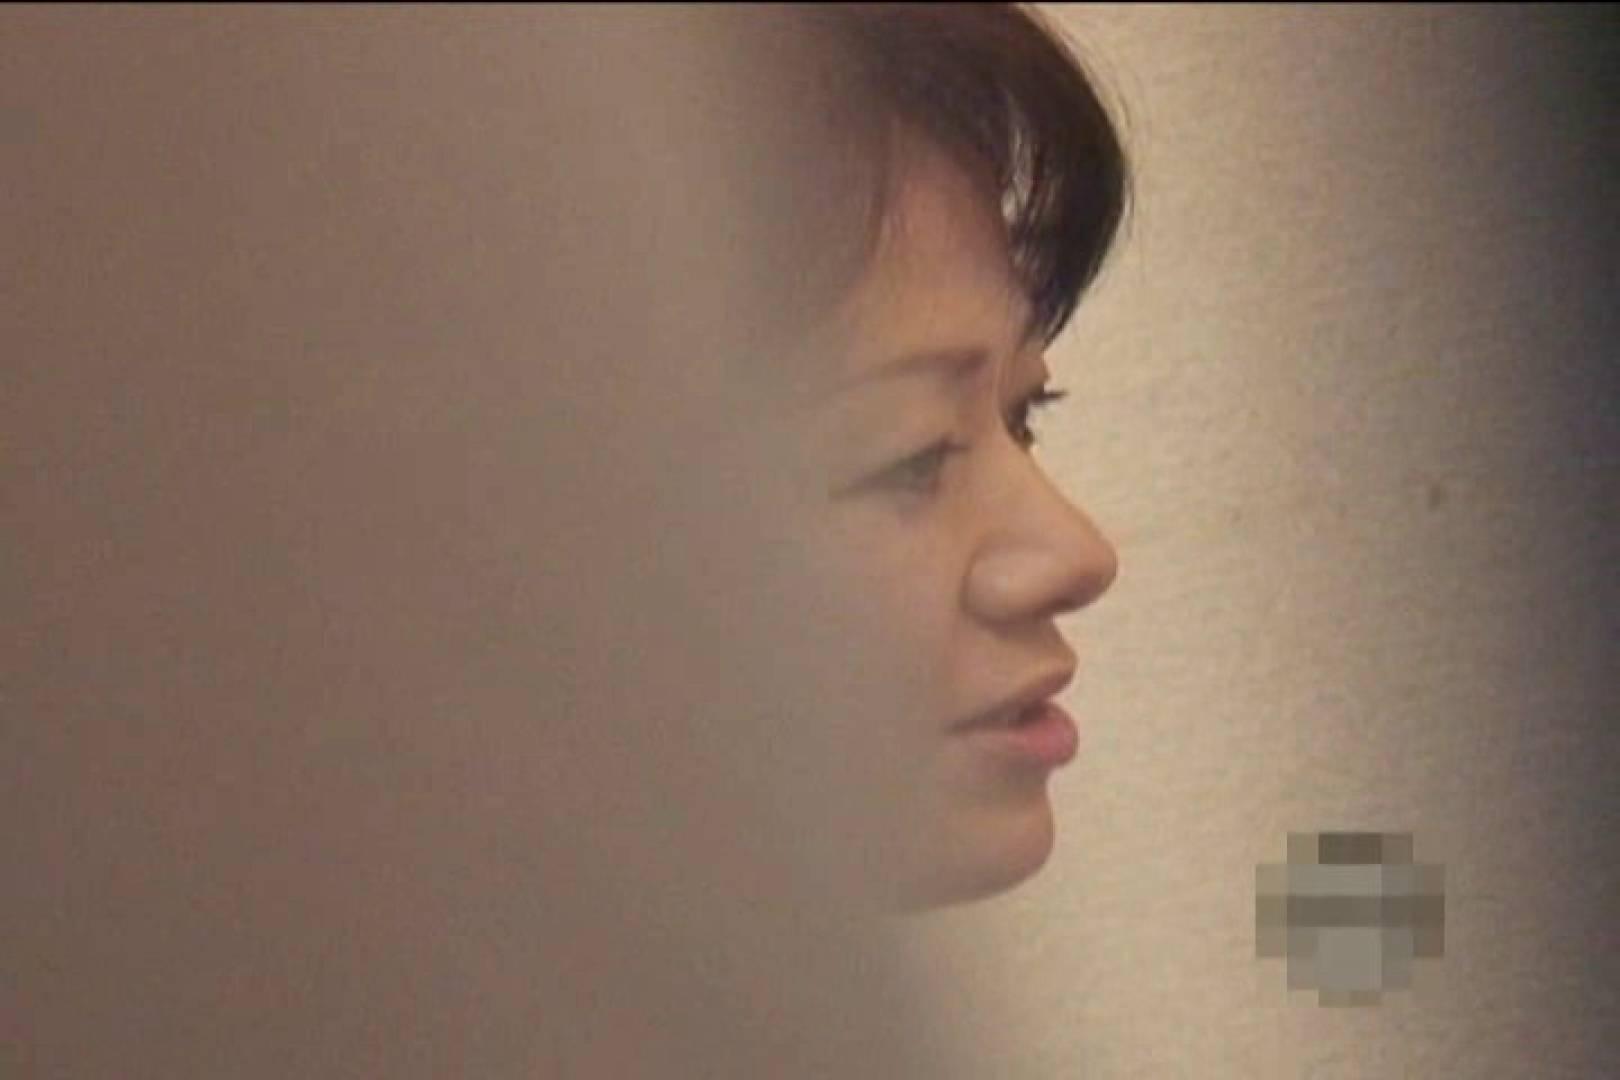 逆噴射病院 肛門科Vol.4 熟女 オメコ動画キャプチャ 75画像 32